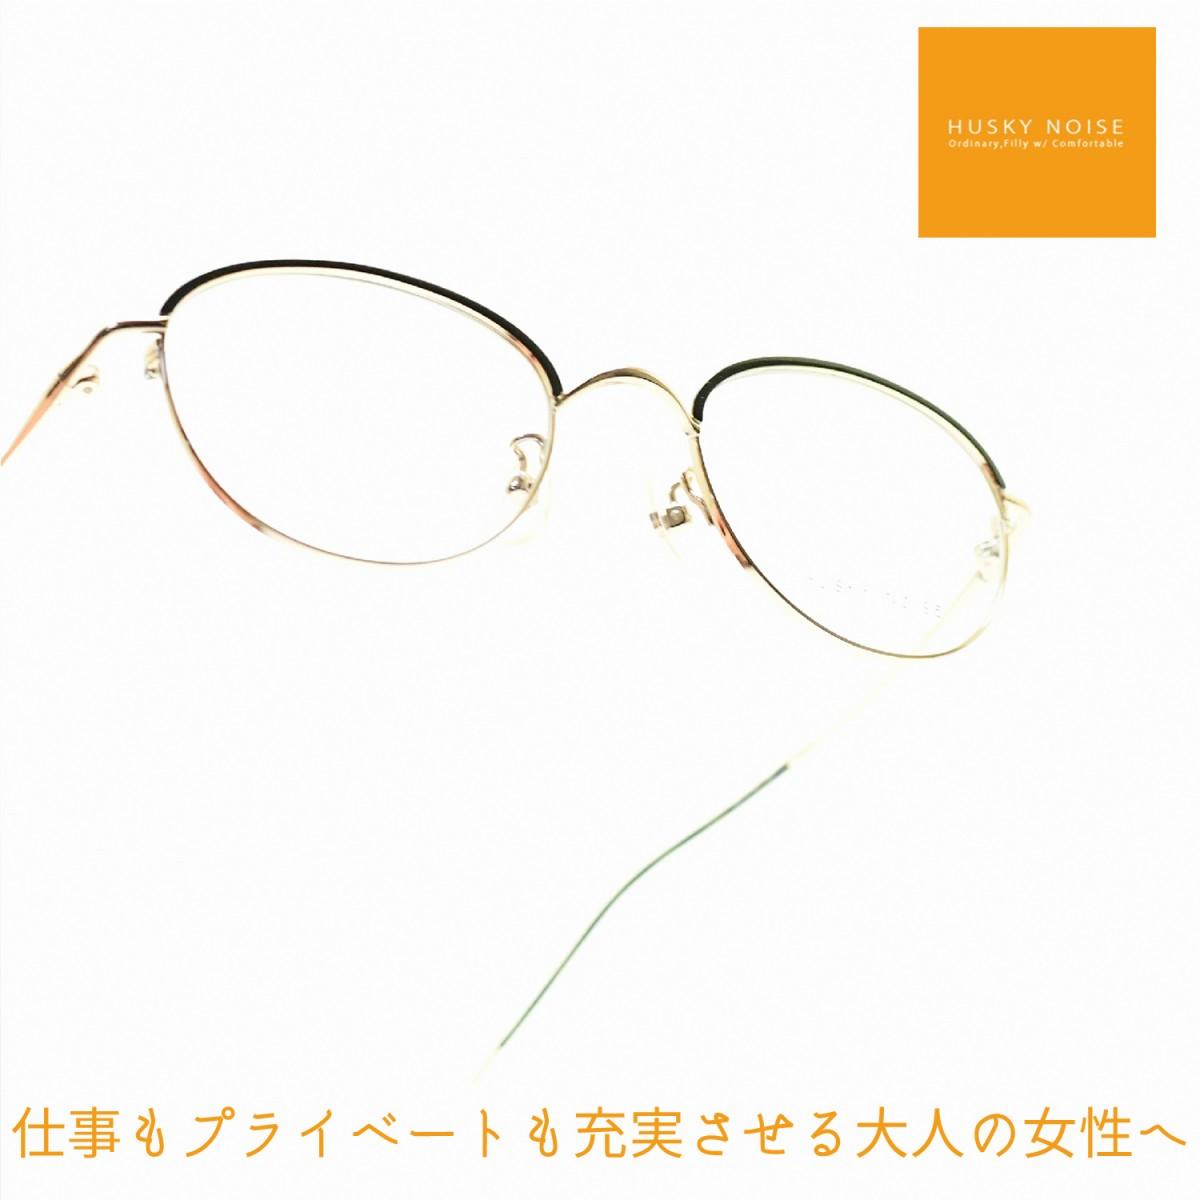 HUSKY NOISE ハスキーノイズH-177 col-1メガネ 眼鏡 めがね メンズ レディース おしゃれ ブランド 人気 おすすめ フレーム 流行り 度付き レンズ